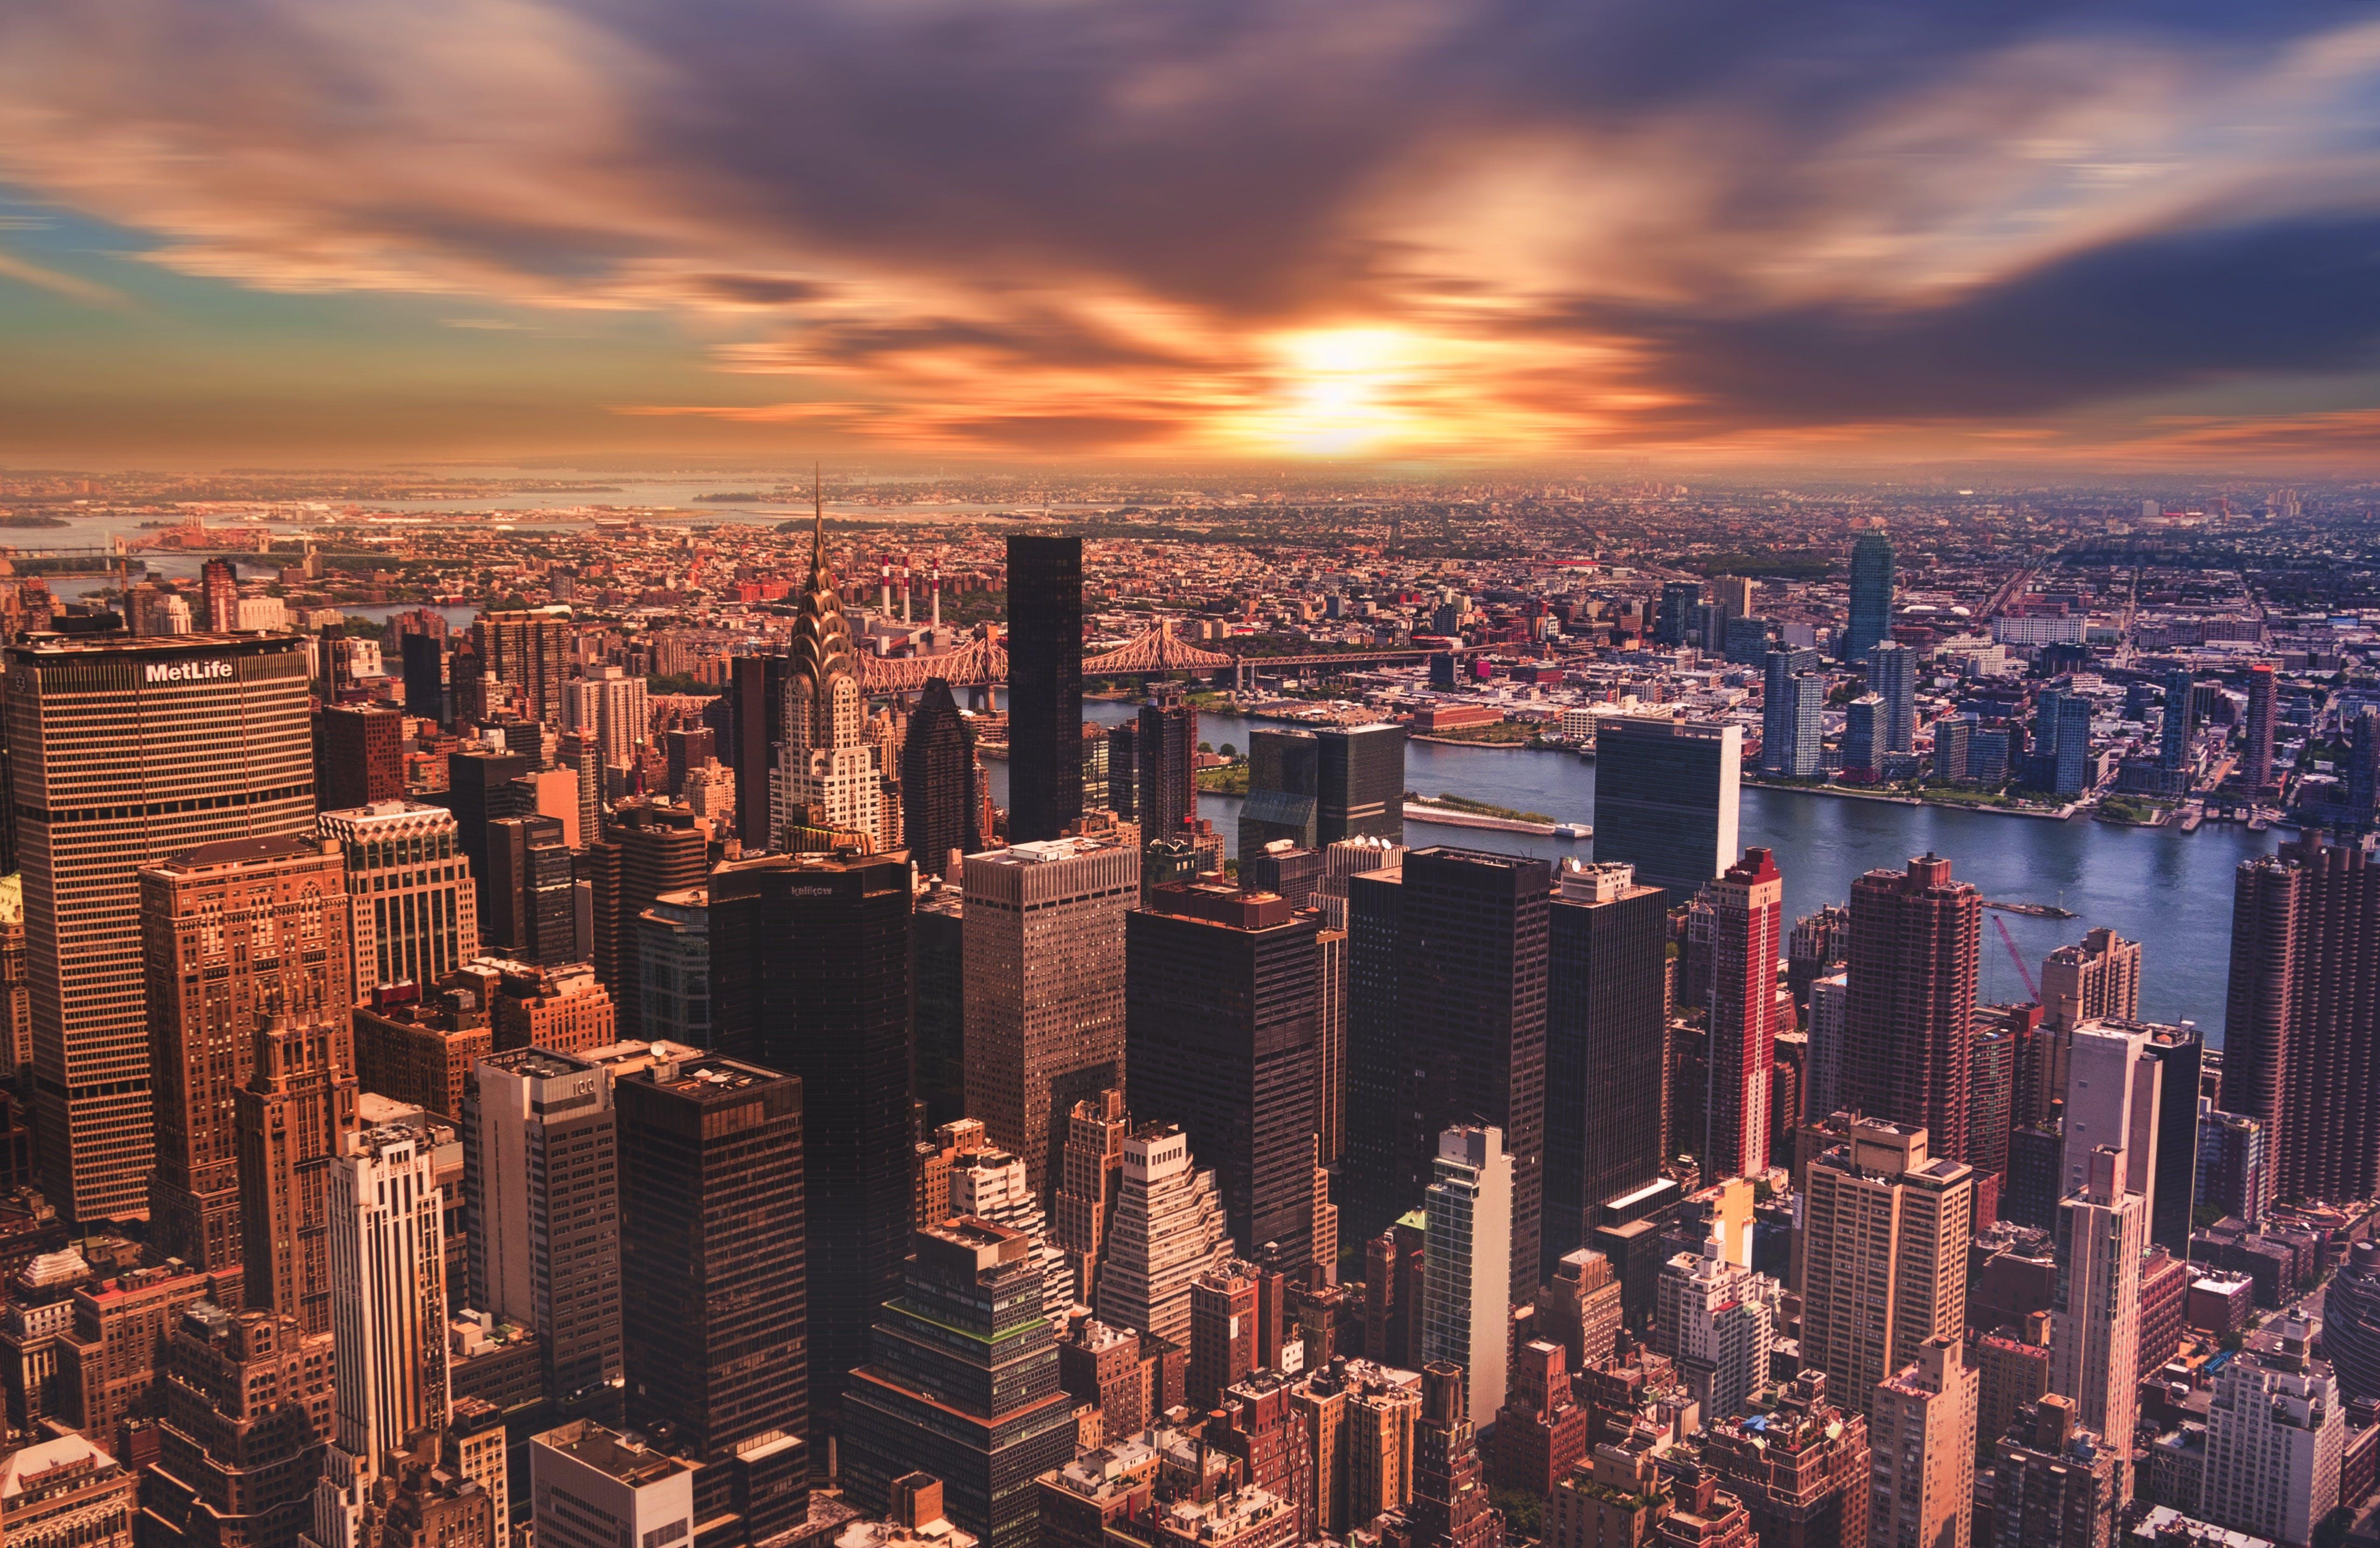 Kostenloses Stock Foto zu architektur, desktop hintergrundbilder, draußen, gebäude